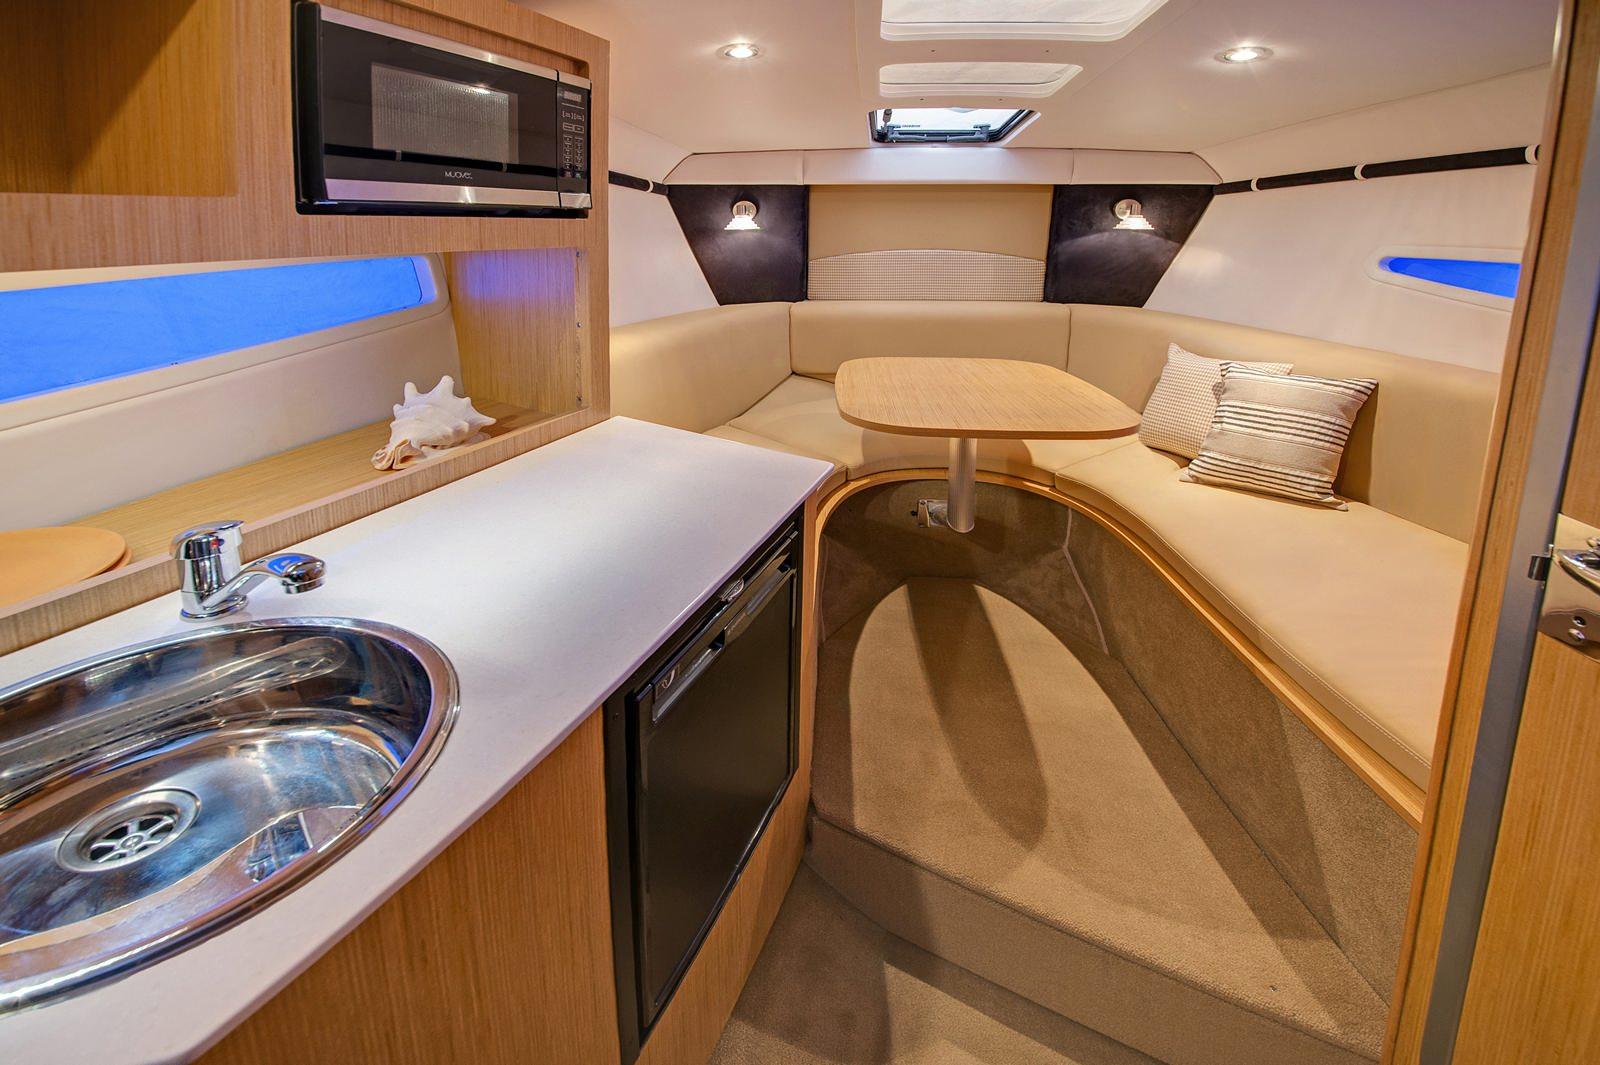 סירת ספורט Glastron 259 - סירת ספורט Glastron 259 - סטרים יאכטות